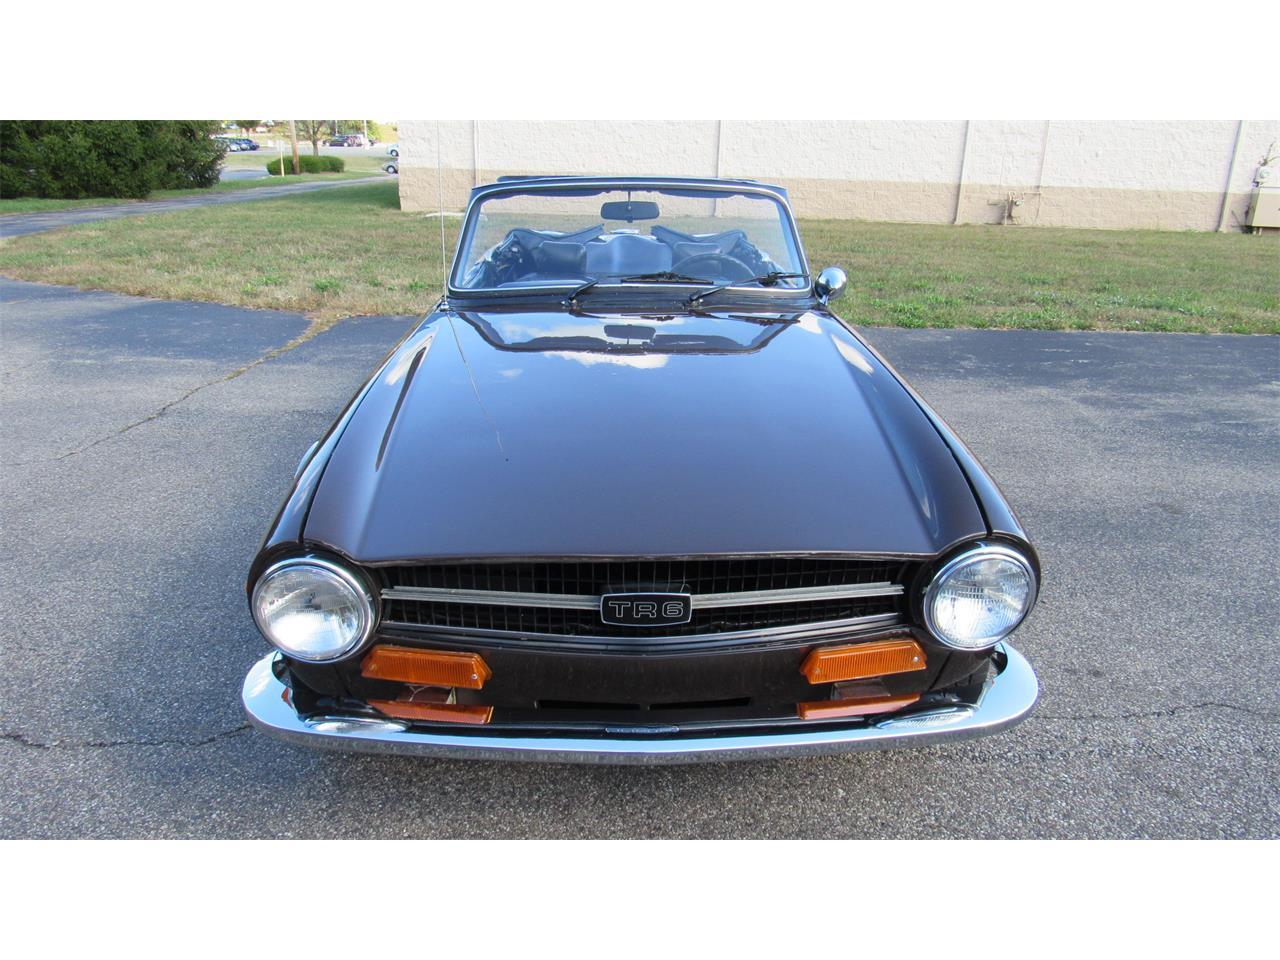 1973 Triumph TR6 (CC-1275425) for sale in Milford, Ohio